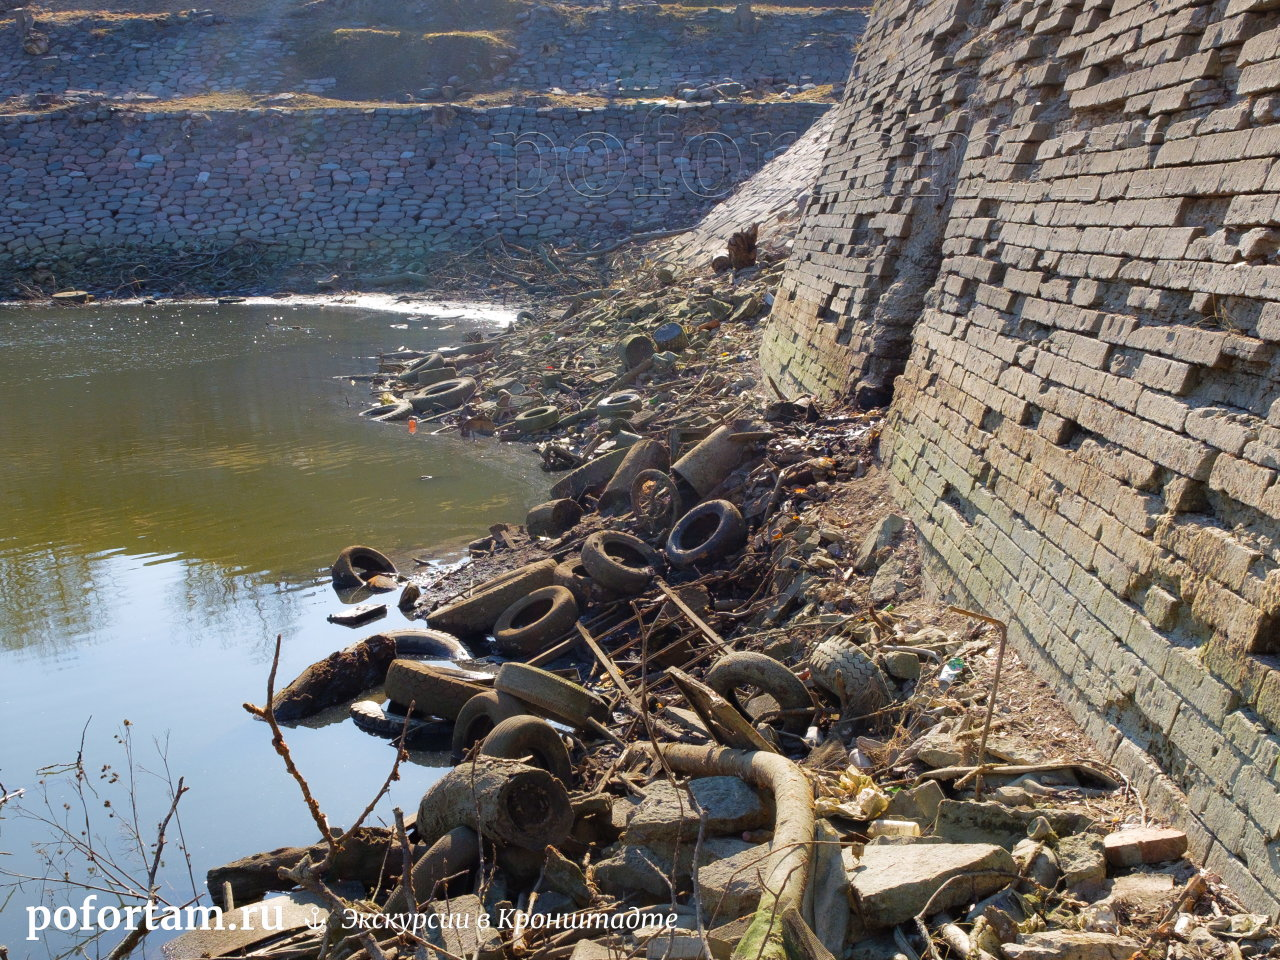 Кронштадт: западная стенка докового бассейна